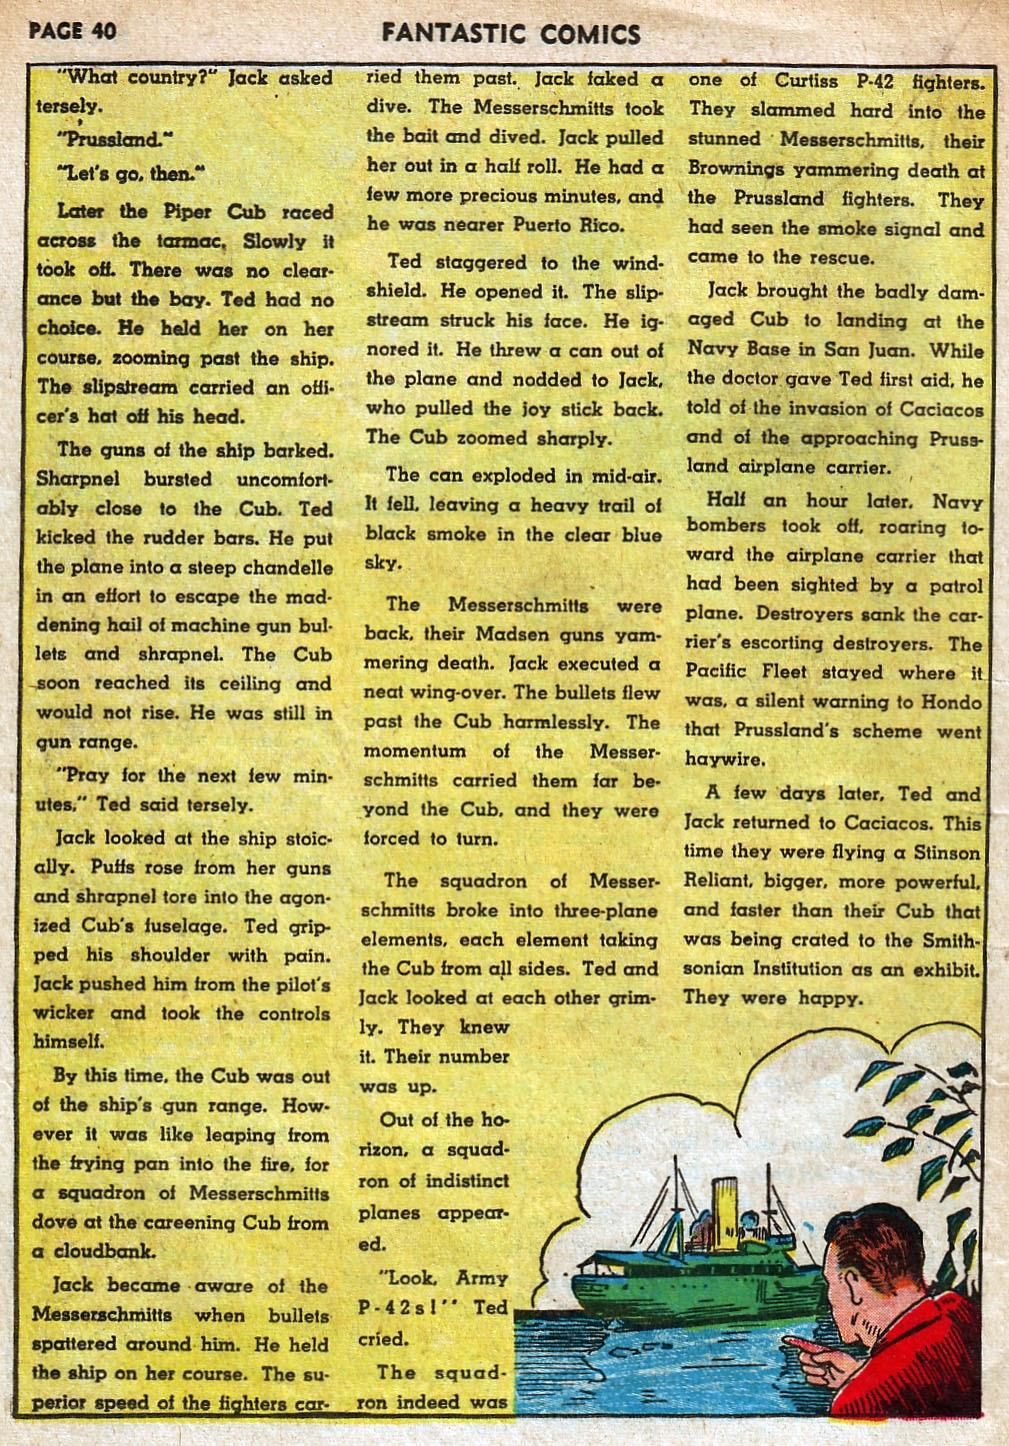 Read online Fantastic Comics comic -  Issue #18 - 42